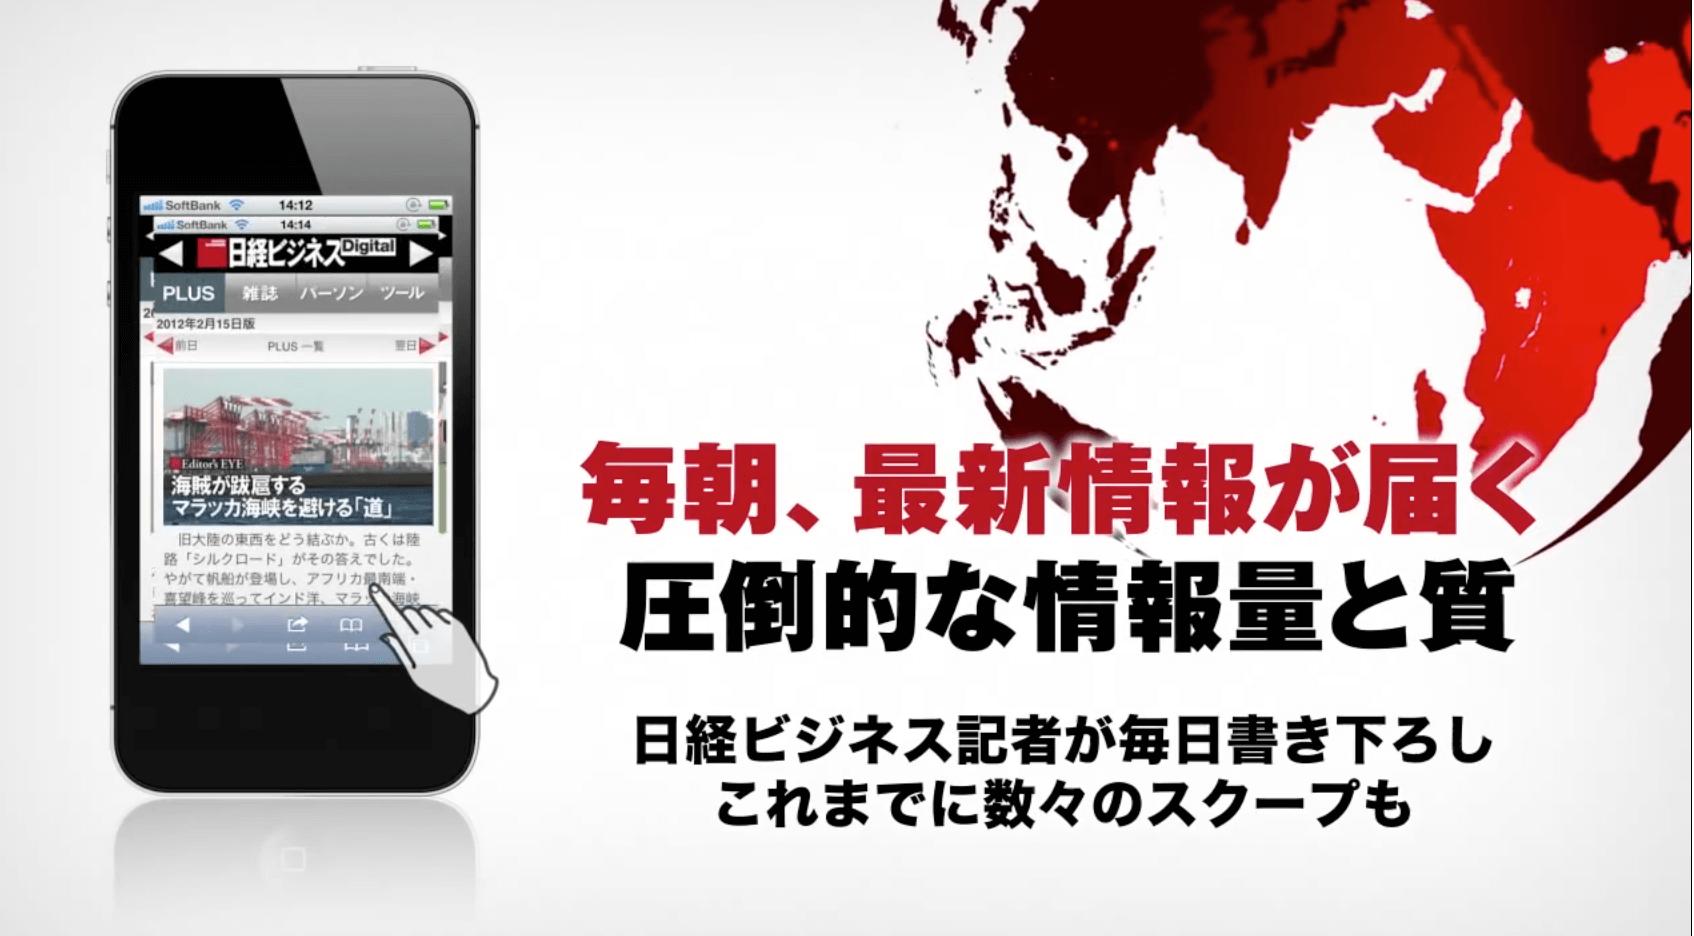 日経ビジネスDigital